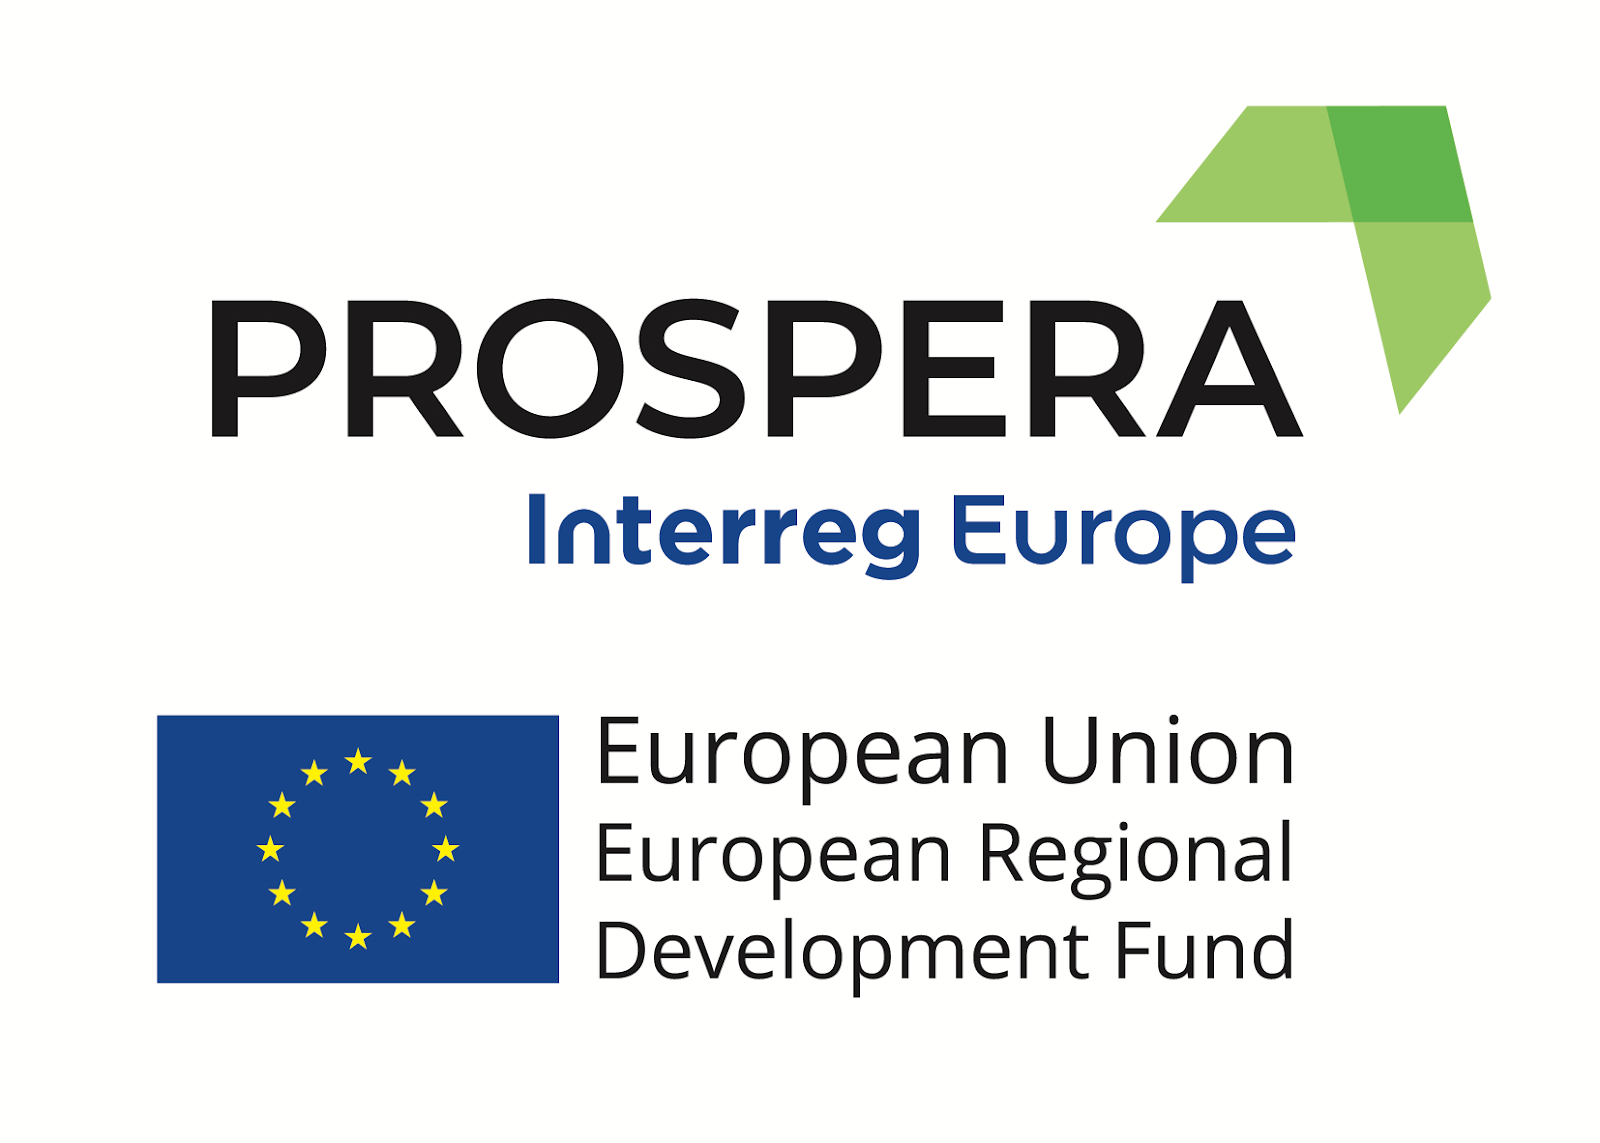 Ο Δήμος Αριστοτέλη εταίρος στο έργο PROSPERA για βιώσιμη ανάπτυξη και προστασία    της φυσικής κληρονομιάς